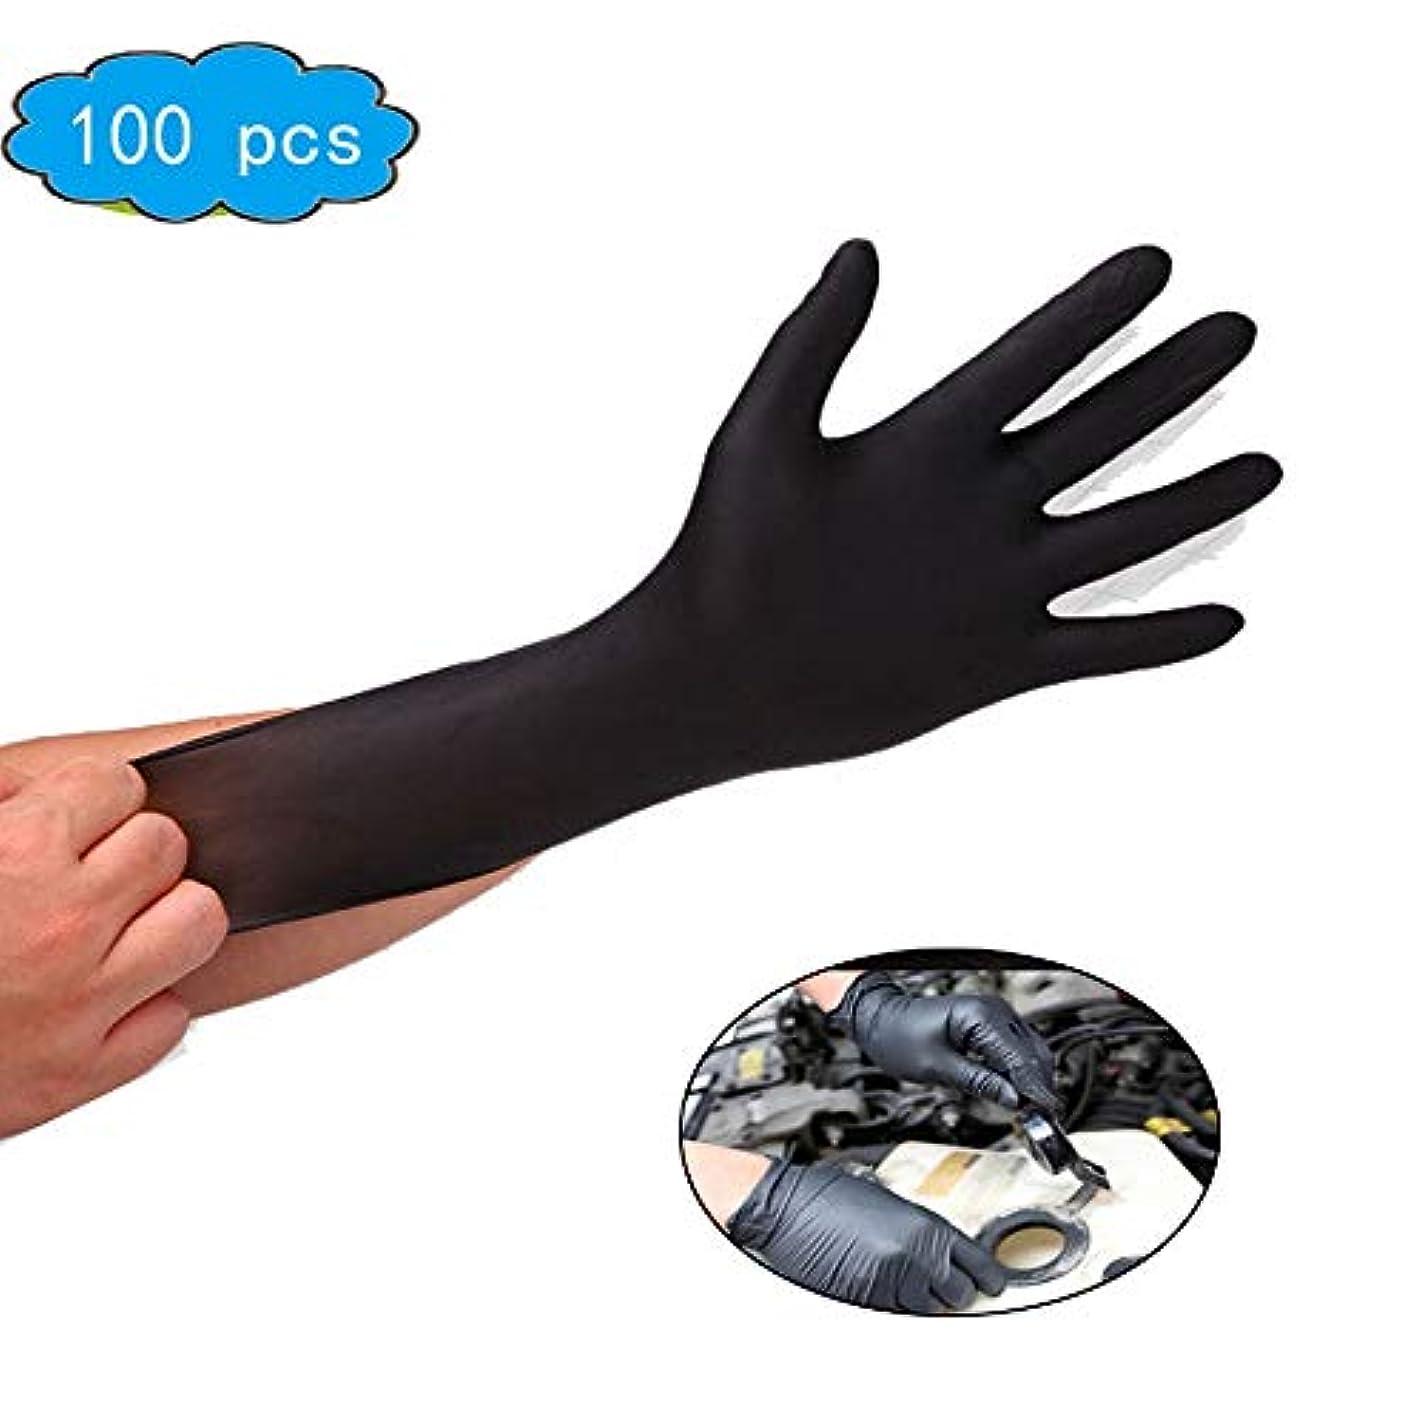 話す急襲離れて使い捨てニトリル手袋、6 Mil、黒、サイズL、厚く、1パックあたり100個、工具と家庭の改善、家庭用クリーニンググローブ (Color : Black, Size : L)